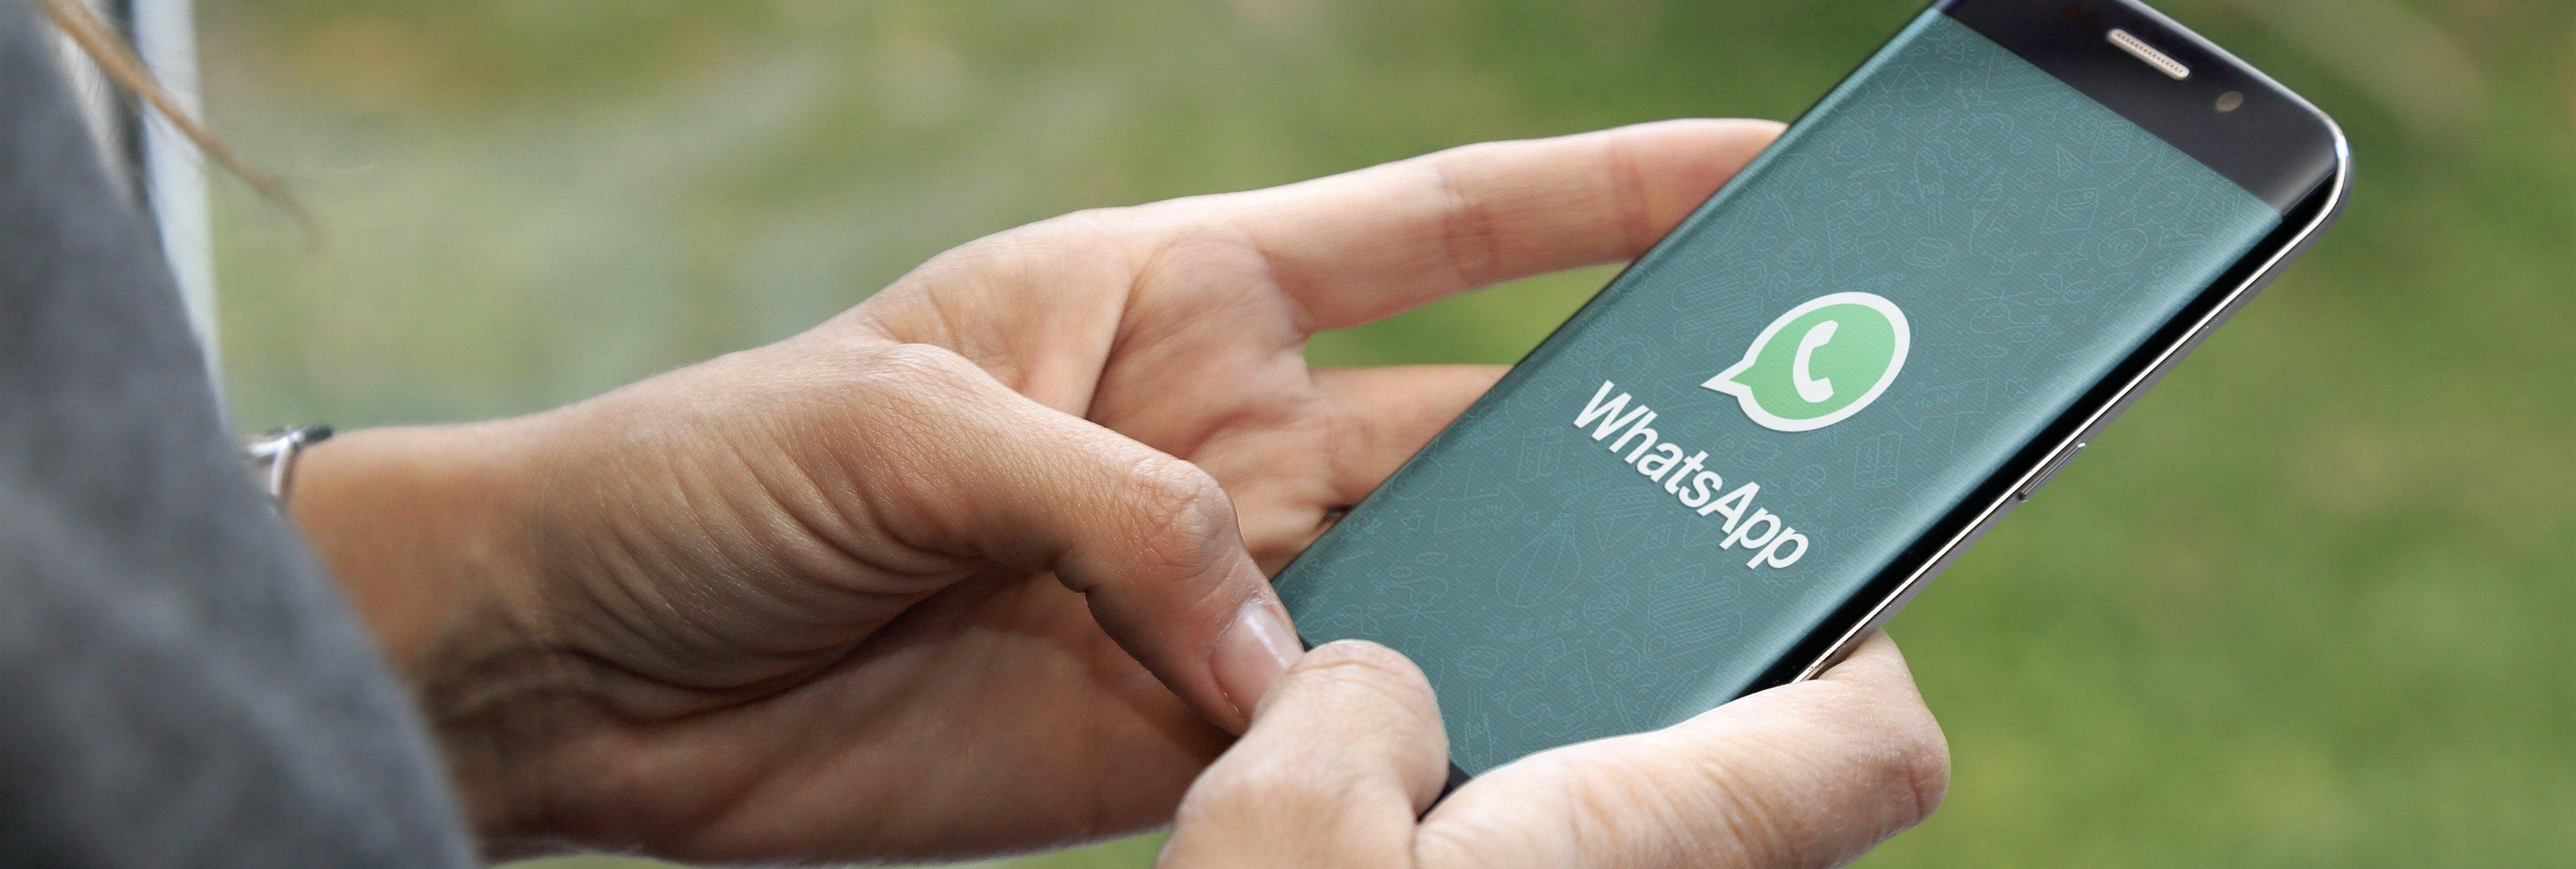 WhatsApp dejará de funcionar en estos teléfonos a finales de 2019